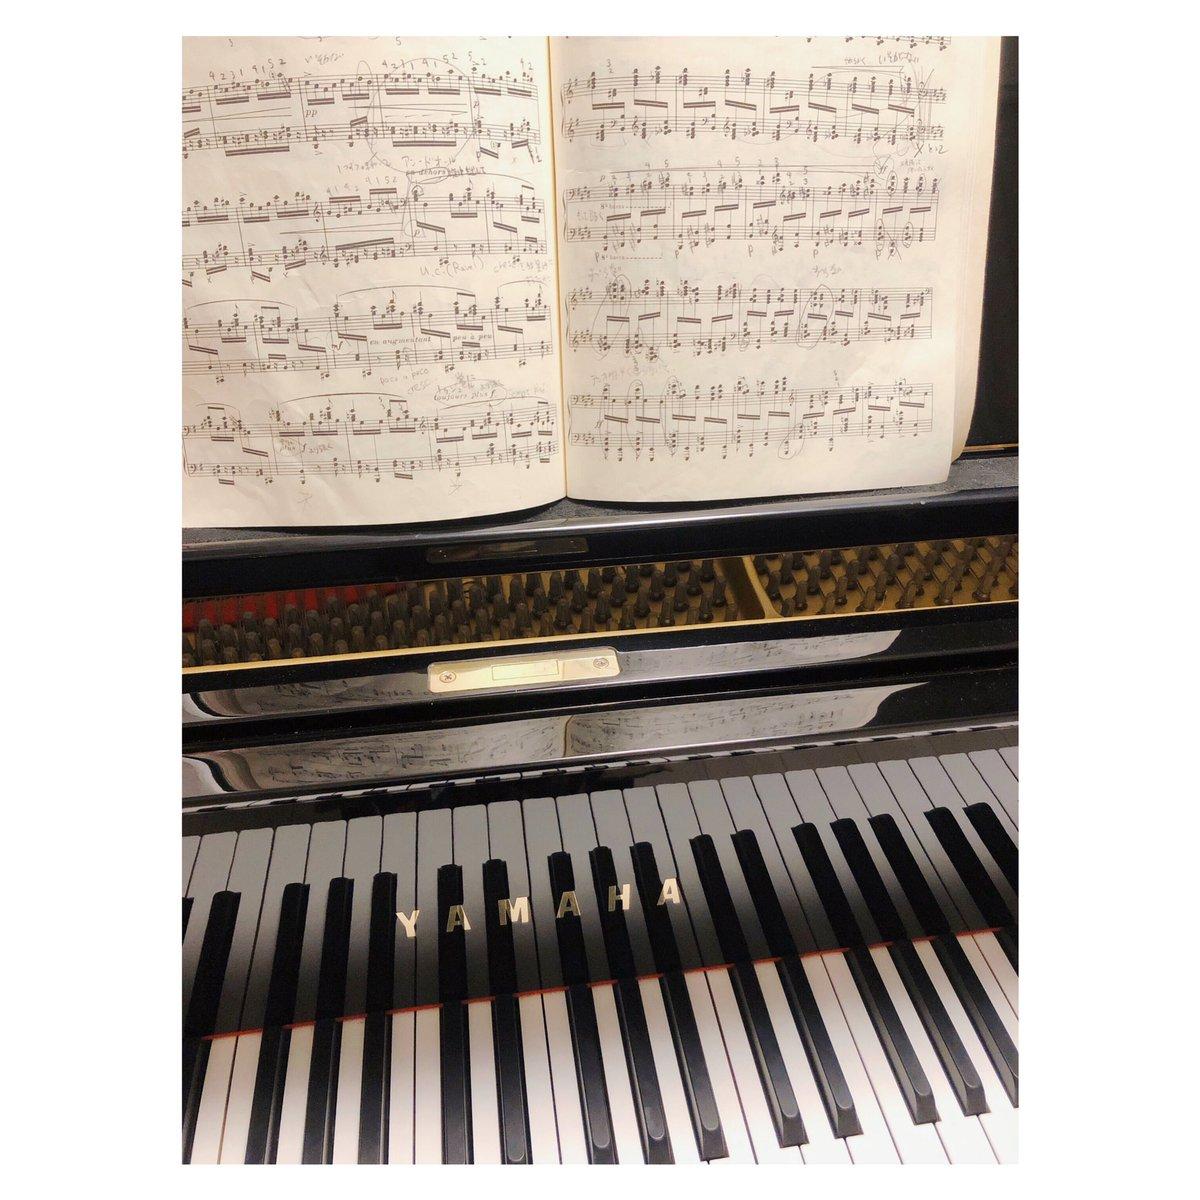 test ツイッターメディア - 父が東京出張で忙しい中、我が家のピアノも調律してくれてました☺️ 音が整って弾くのが楽しい✨ ピアノ部屋も出来たし久しぶりに動画載せれるように頑張ります🎹🙏 #学生時代のなぐり書きがひどい😂 https://t.co/CsxbE15dCI